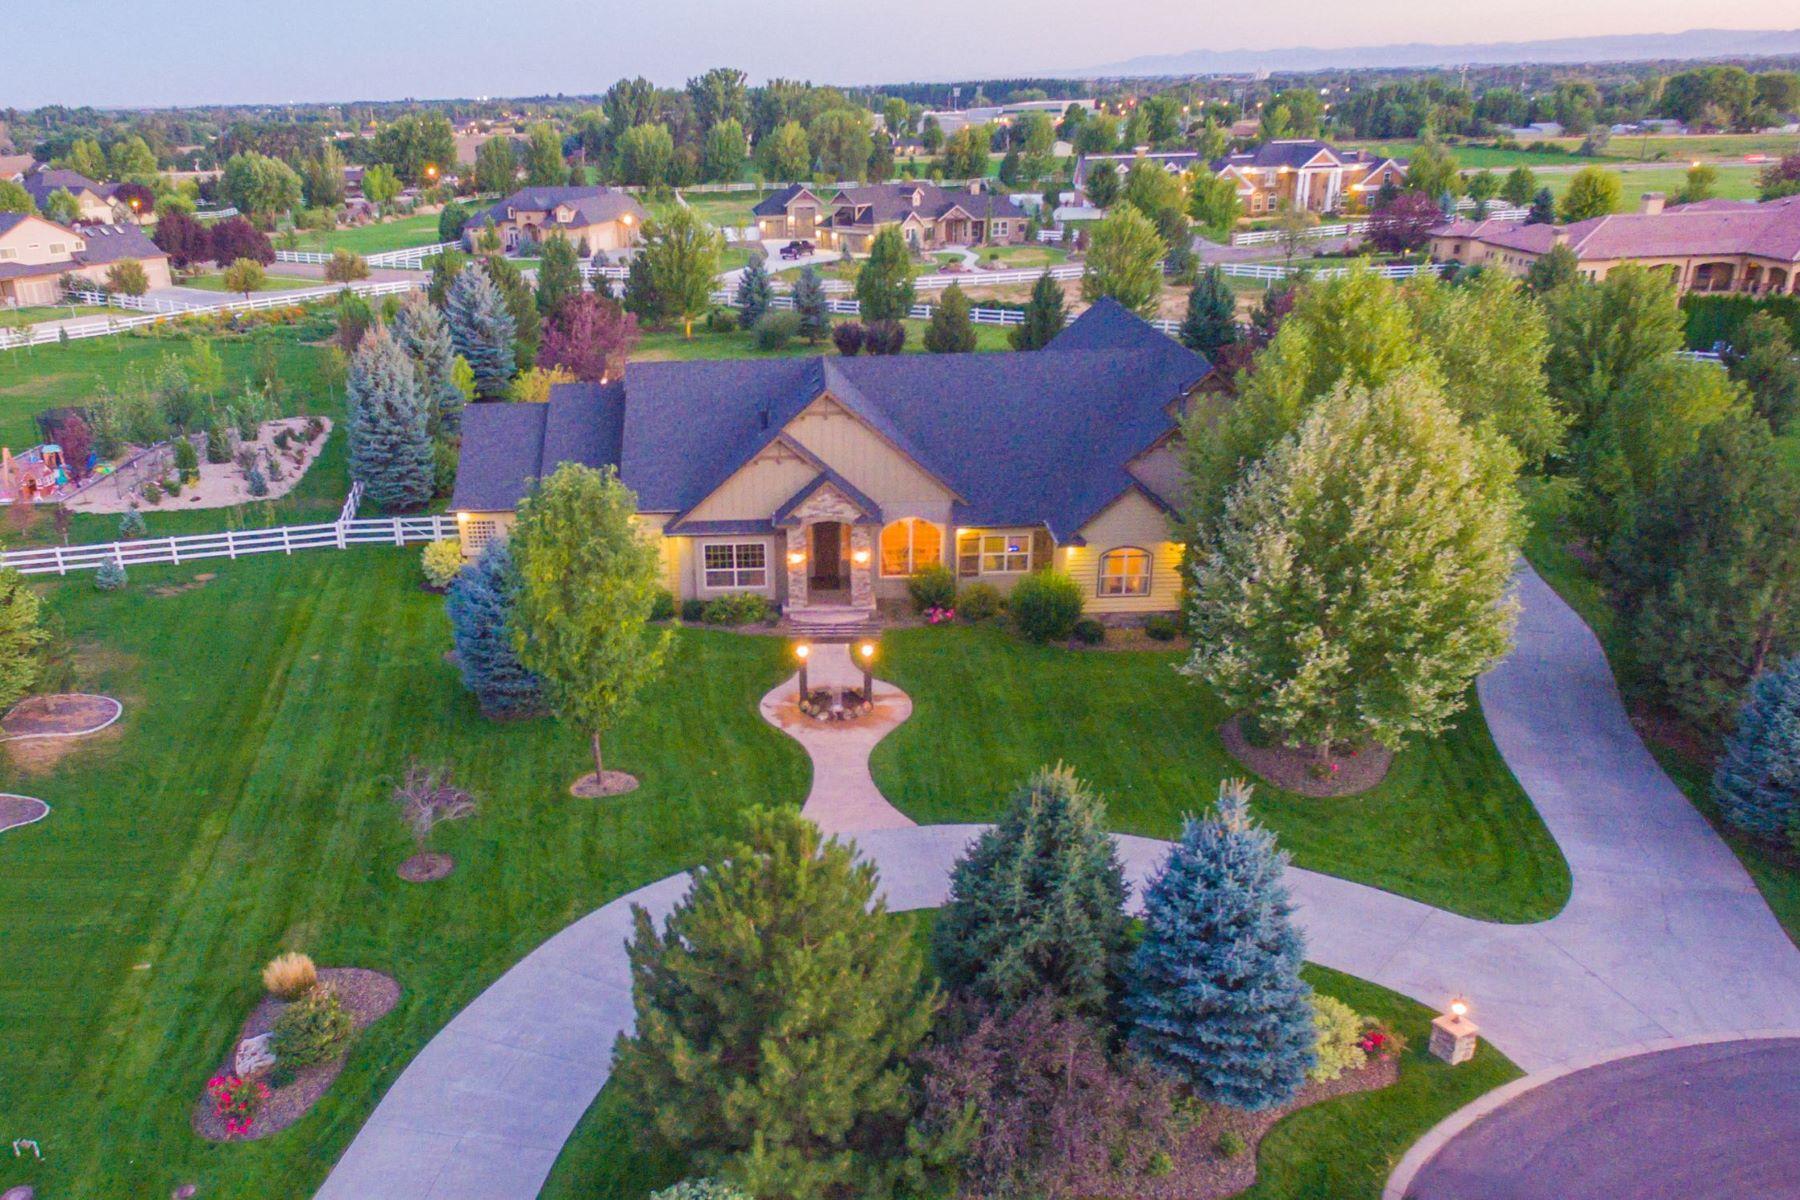 獨棟家庭住宅 為 出售 在 3665 Fieno Court, Eagle 3665 W Fieno Ct Eagle, 愛達荷州, 83616 美國